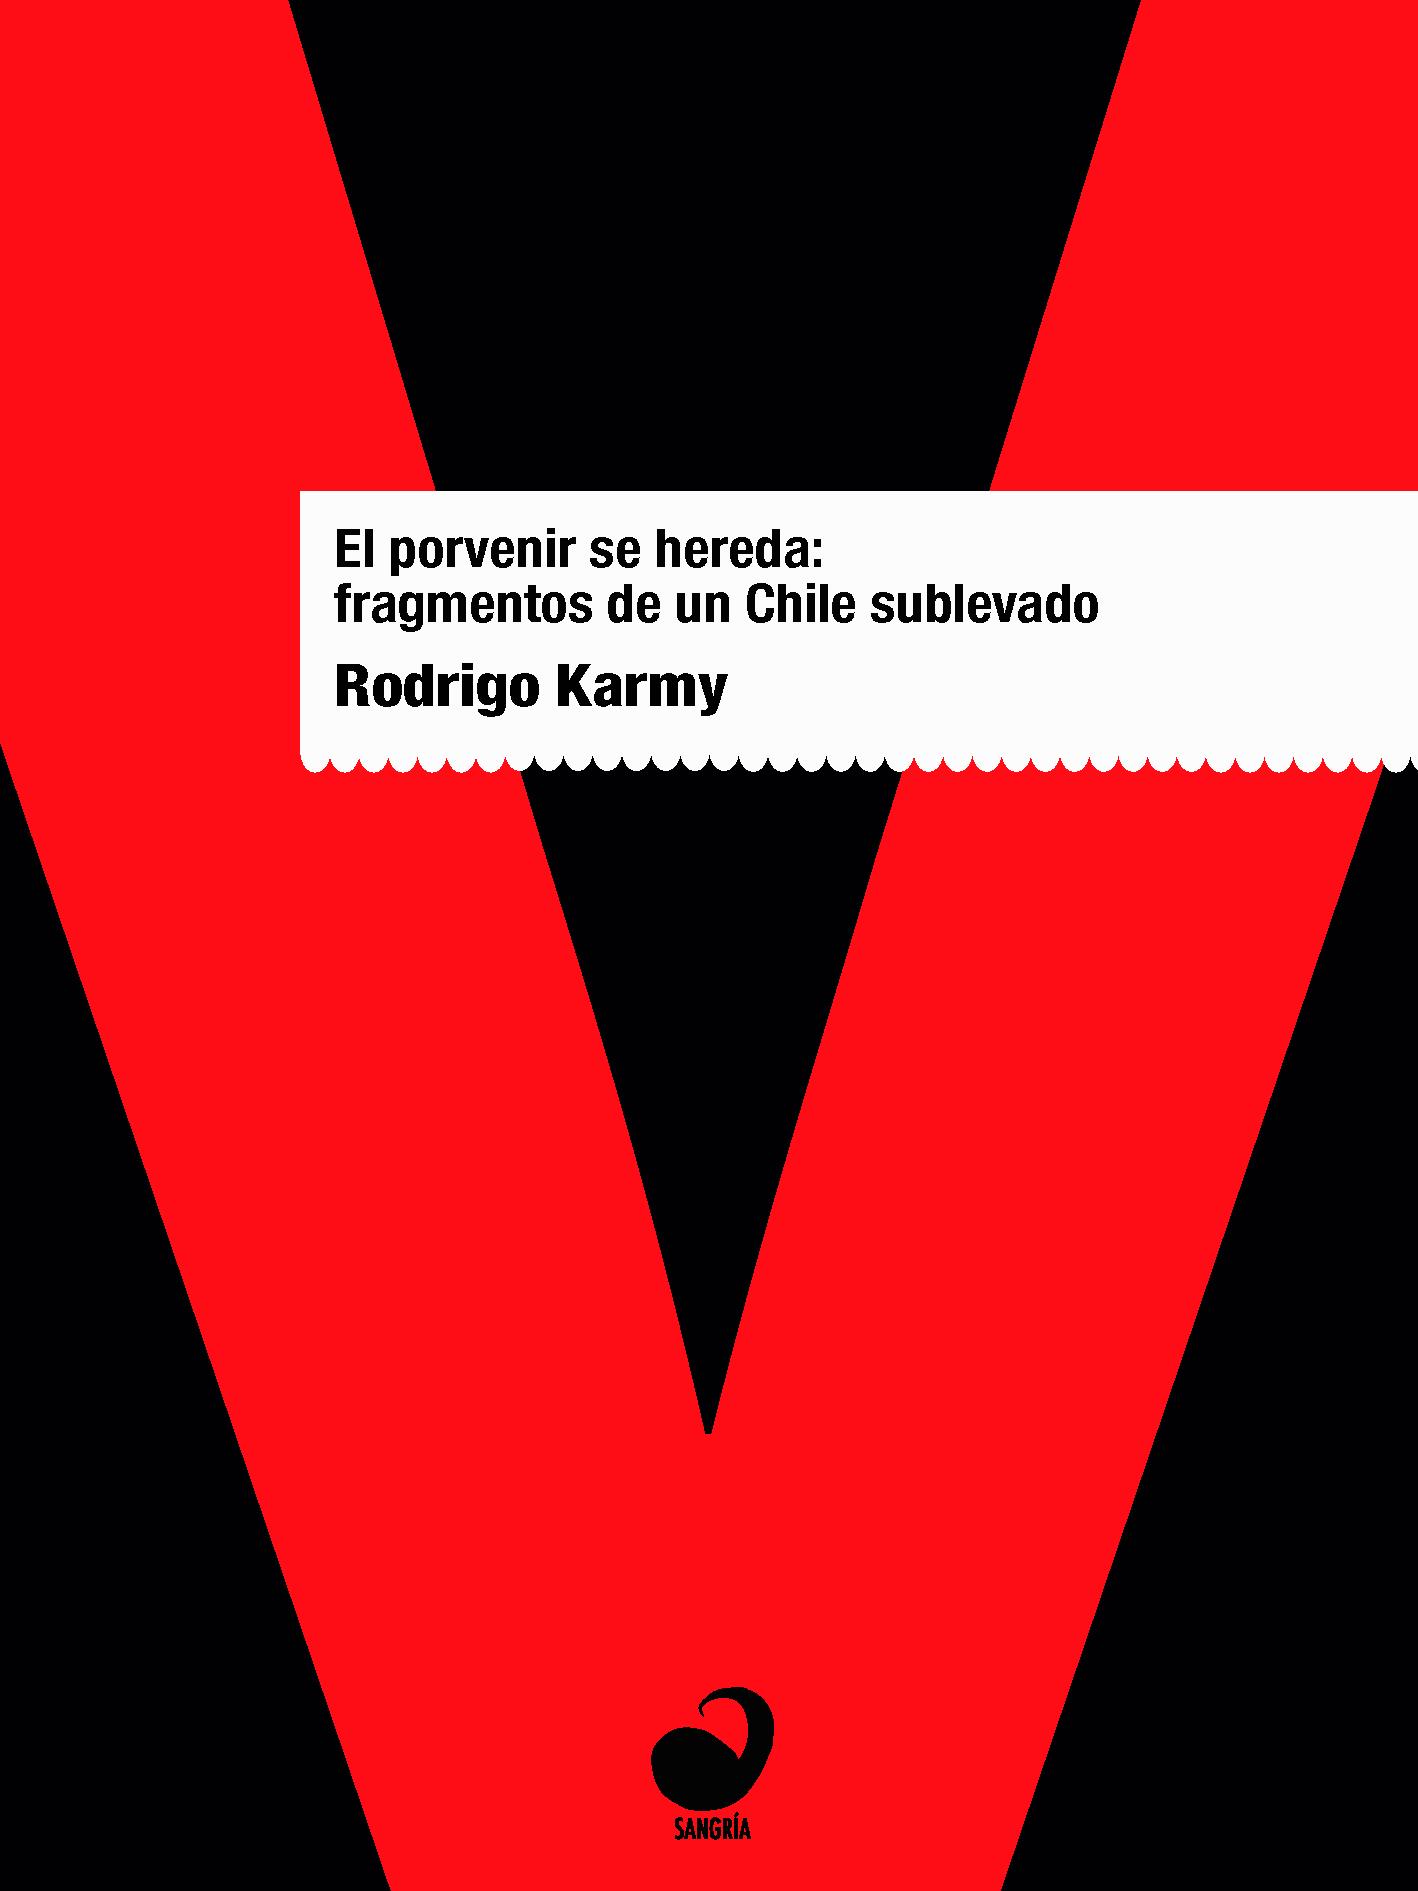 El porvenir se hereda - Portada - Rodrigo Karmy y Sangría Editora